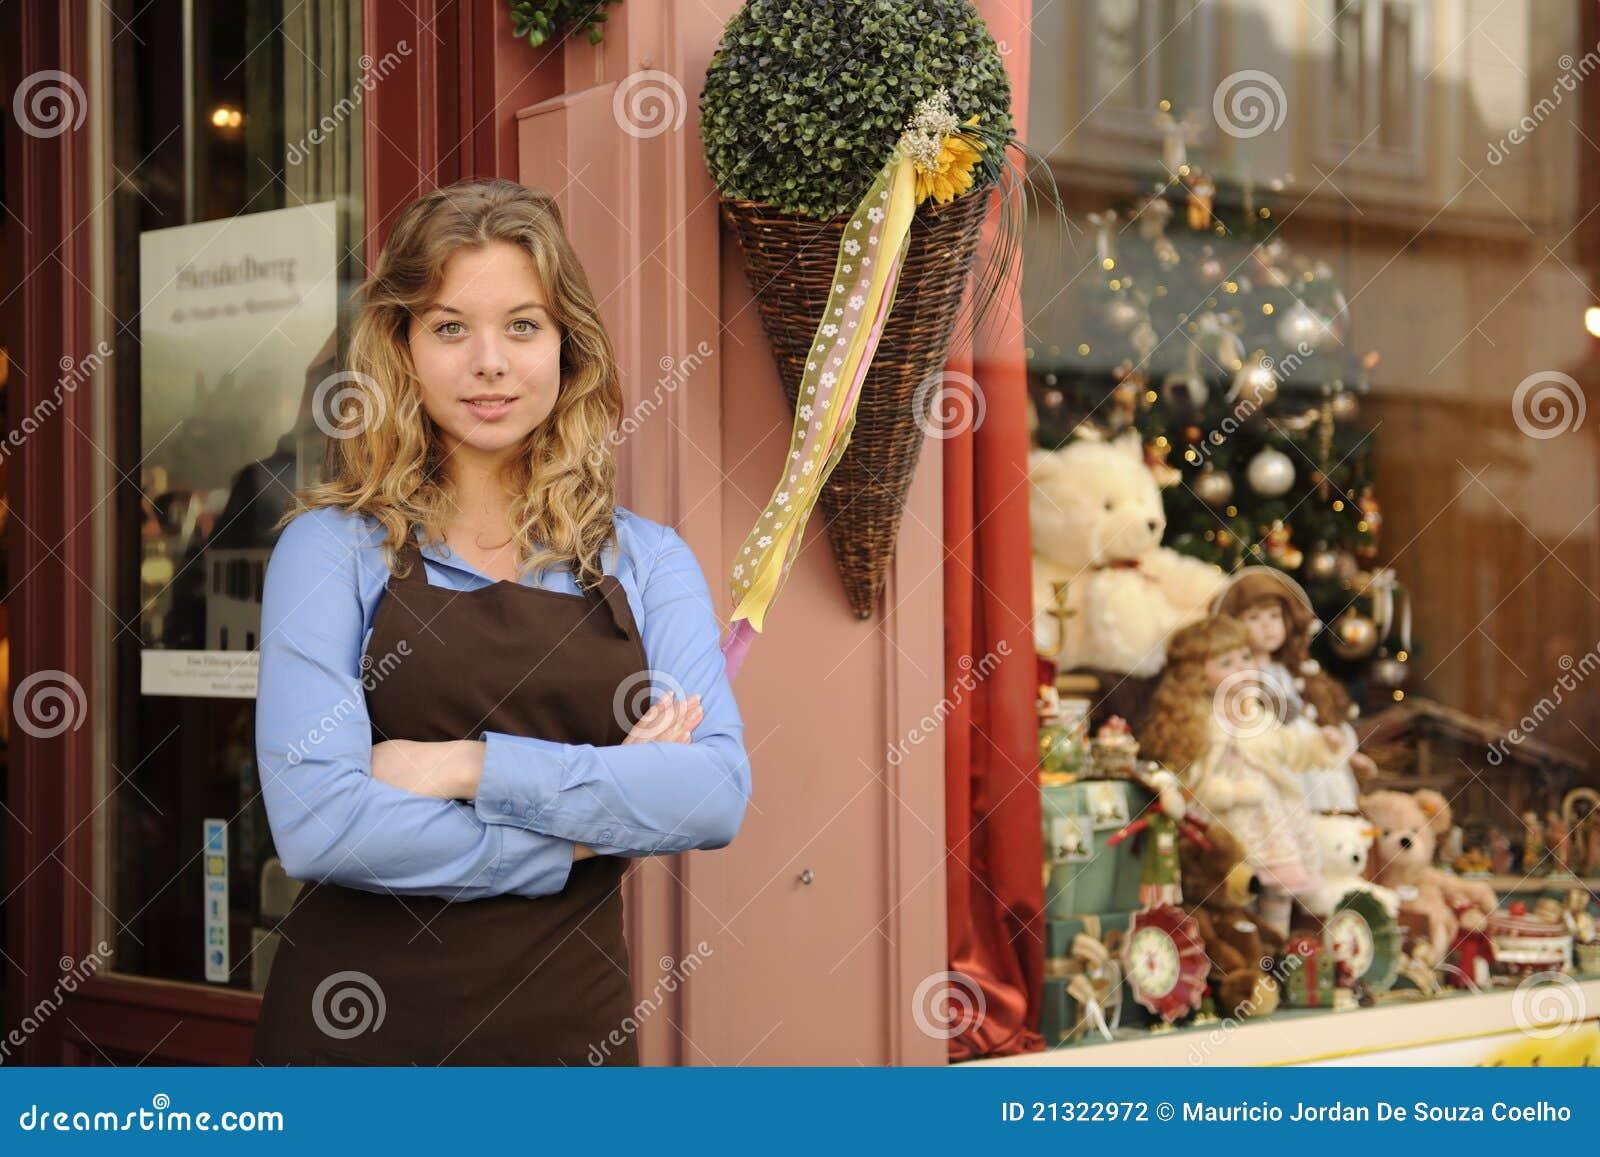 De eigenaar van de opslag voor winkel stock fotografie afbeelding 21322972 - Opslag voor dressing ...